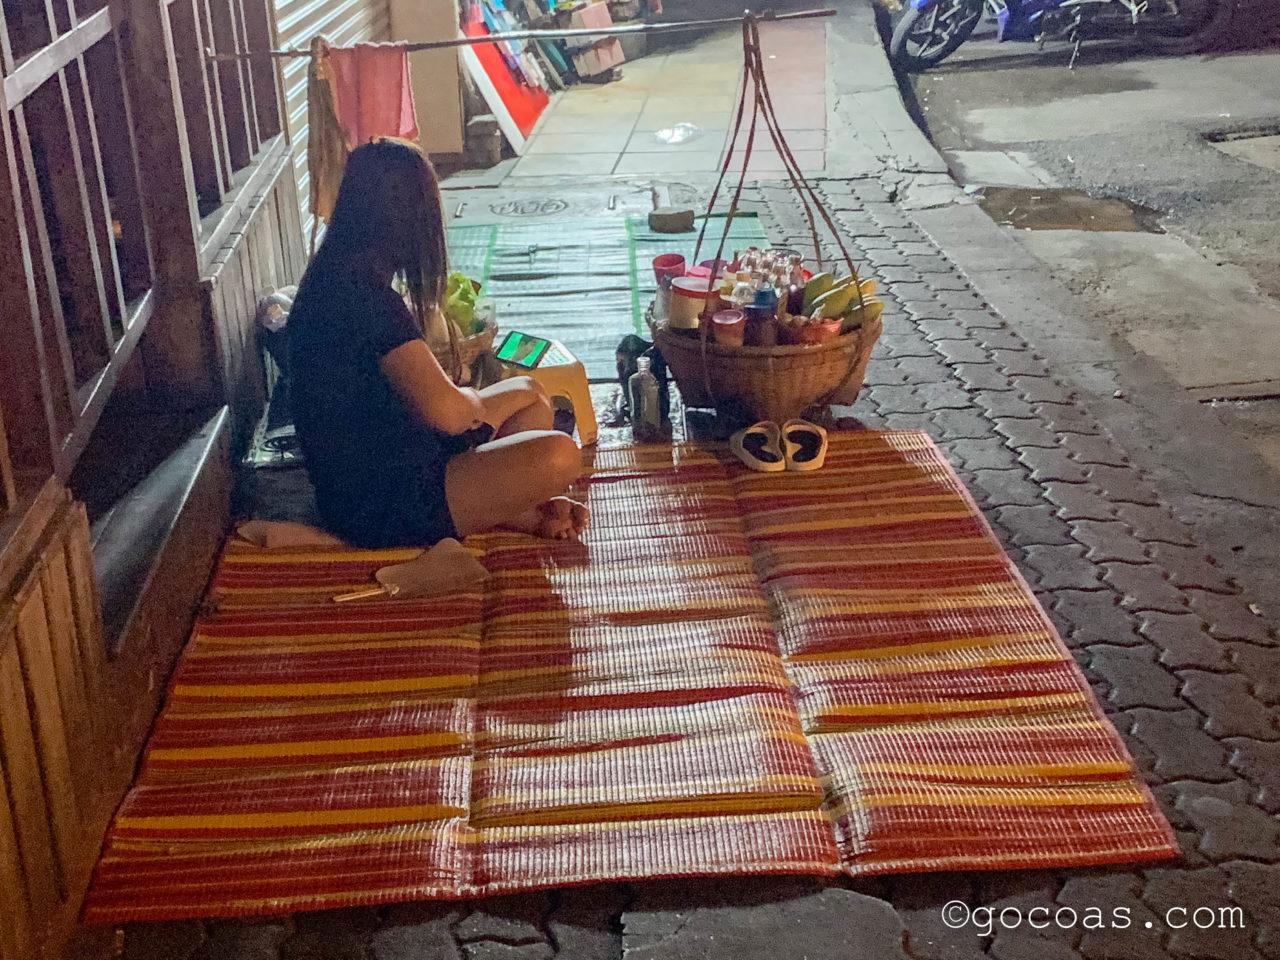 Hua Lamphong駅前にいたレジャーシートに座る女性